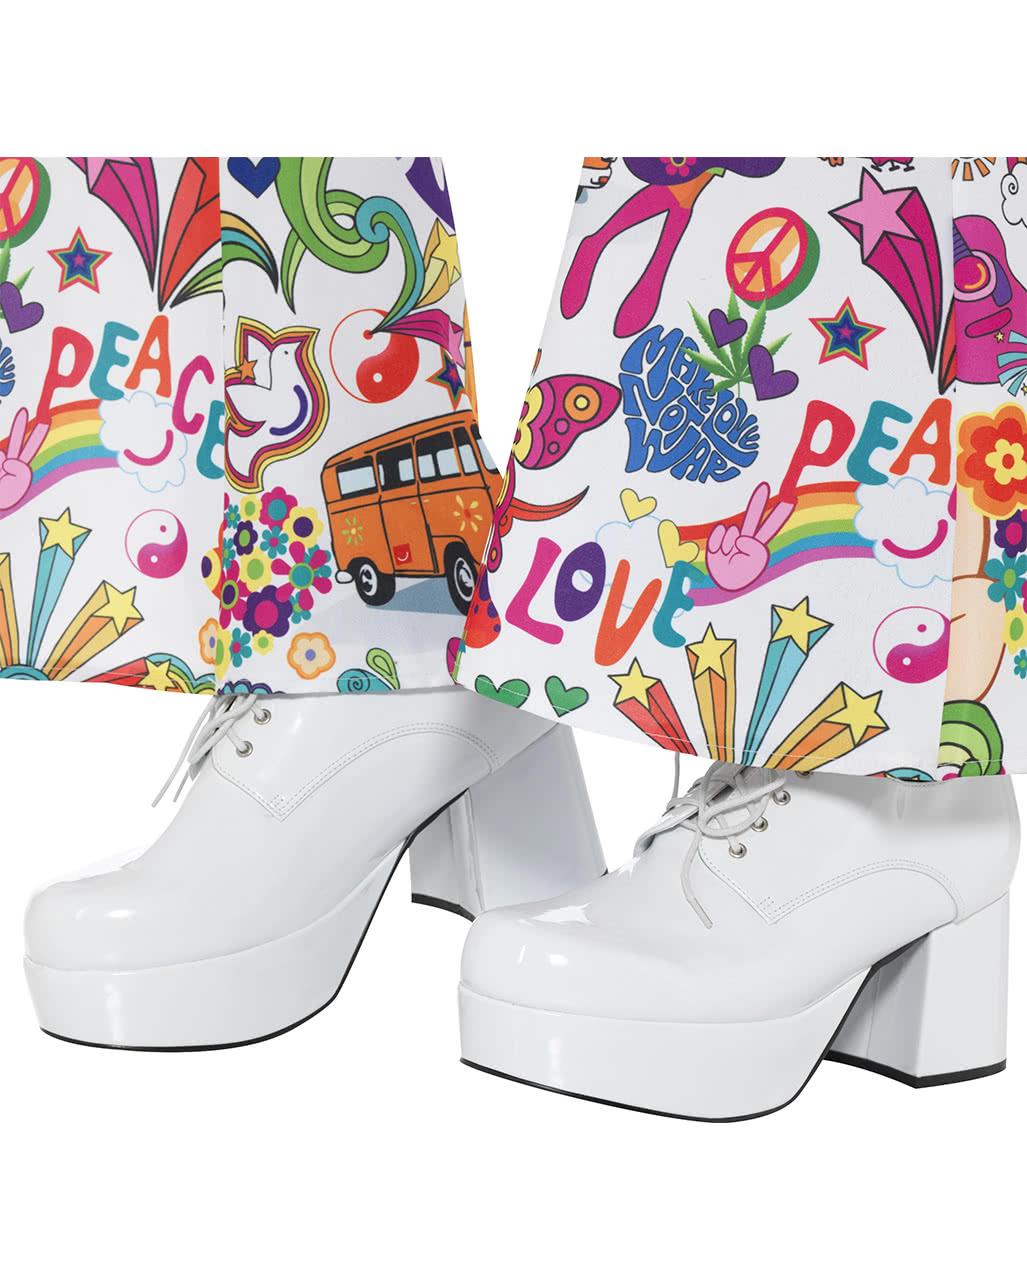 711eaa53edfe Men disco platform shoes white to order